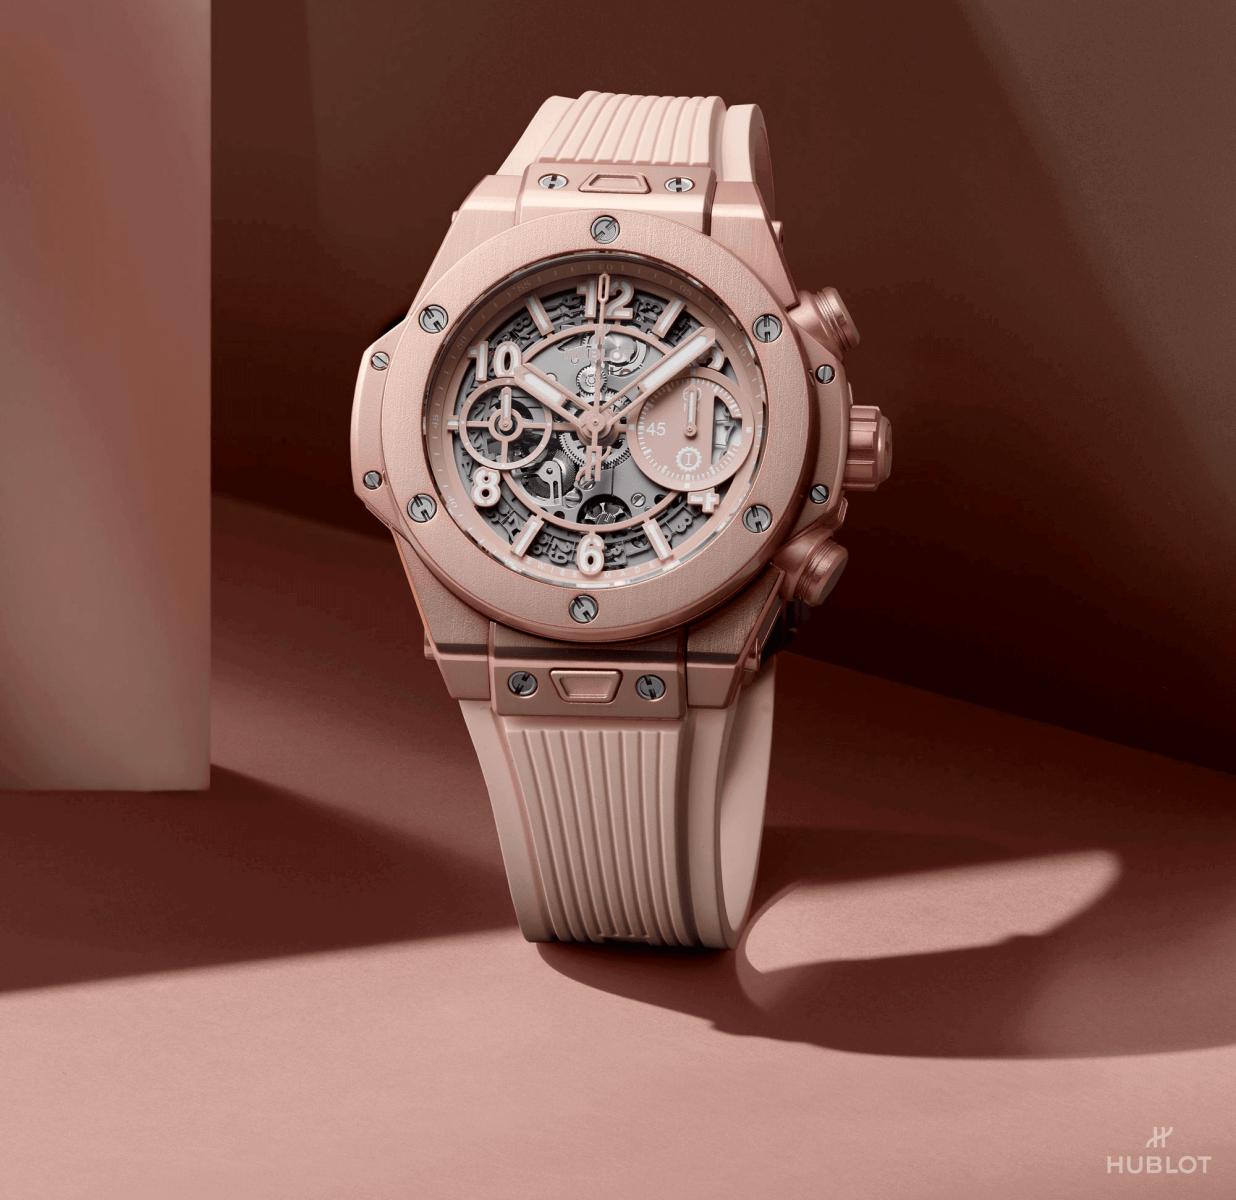 Đồng hồ Hublot Big Bang Millennial Pink sang trọng và độc đáo